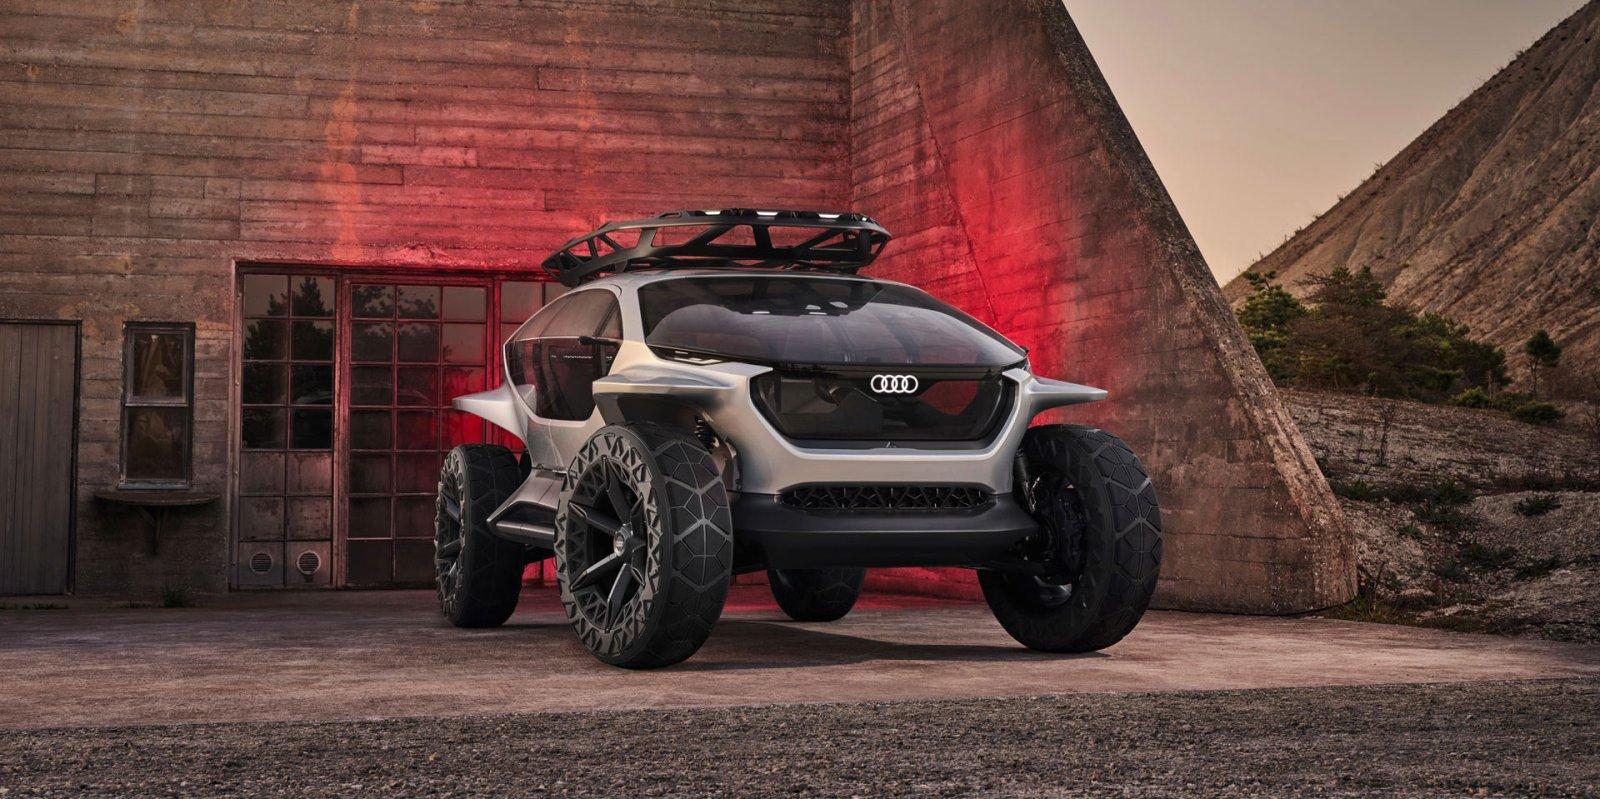 Лучшие новости о демонстрации новой технологии, разработанной компанией Audi